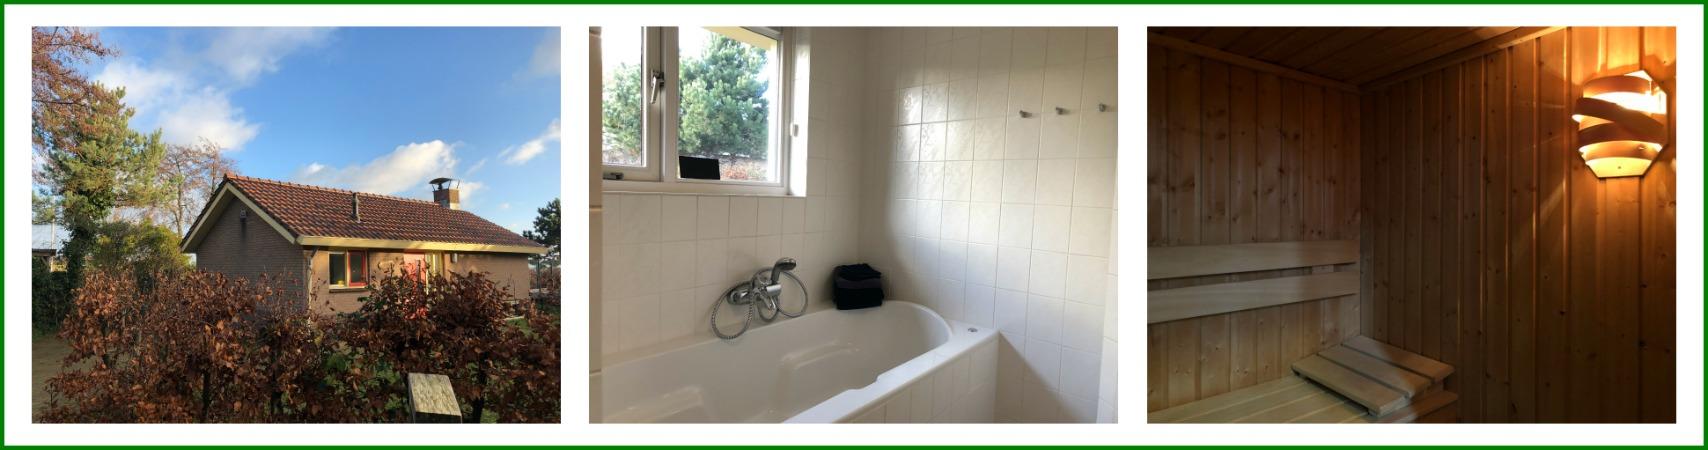 Finn op terschelling - vakantiehuis met sauna en bubbelbad - Hallo Terschelling